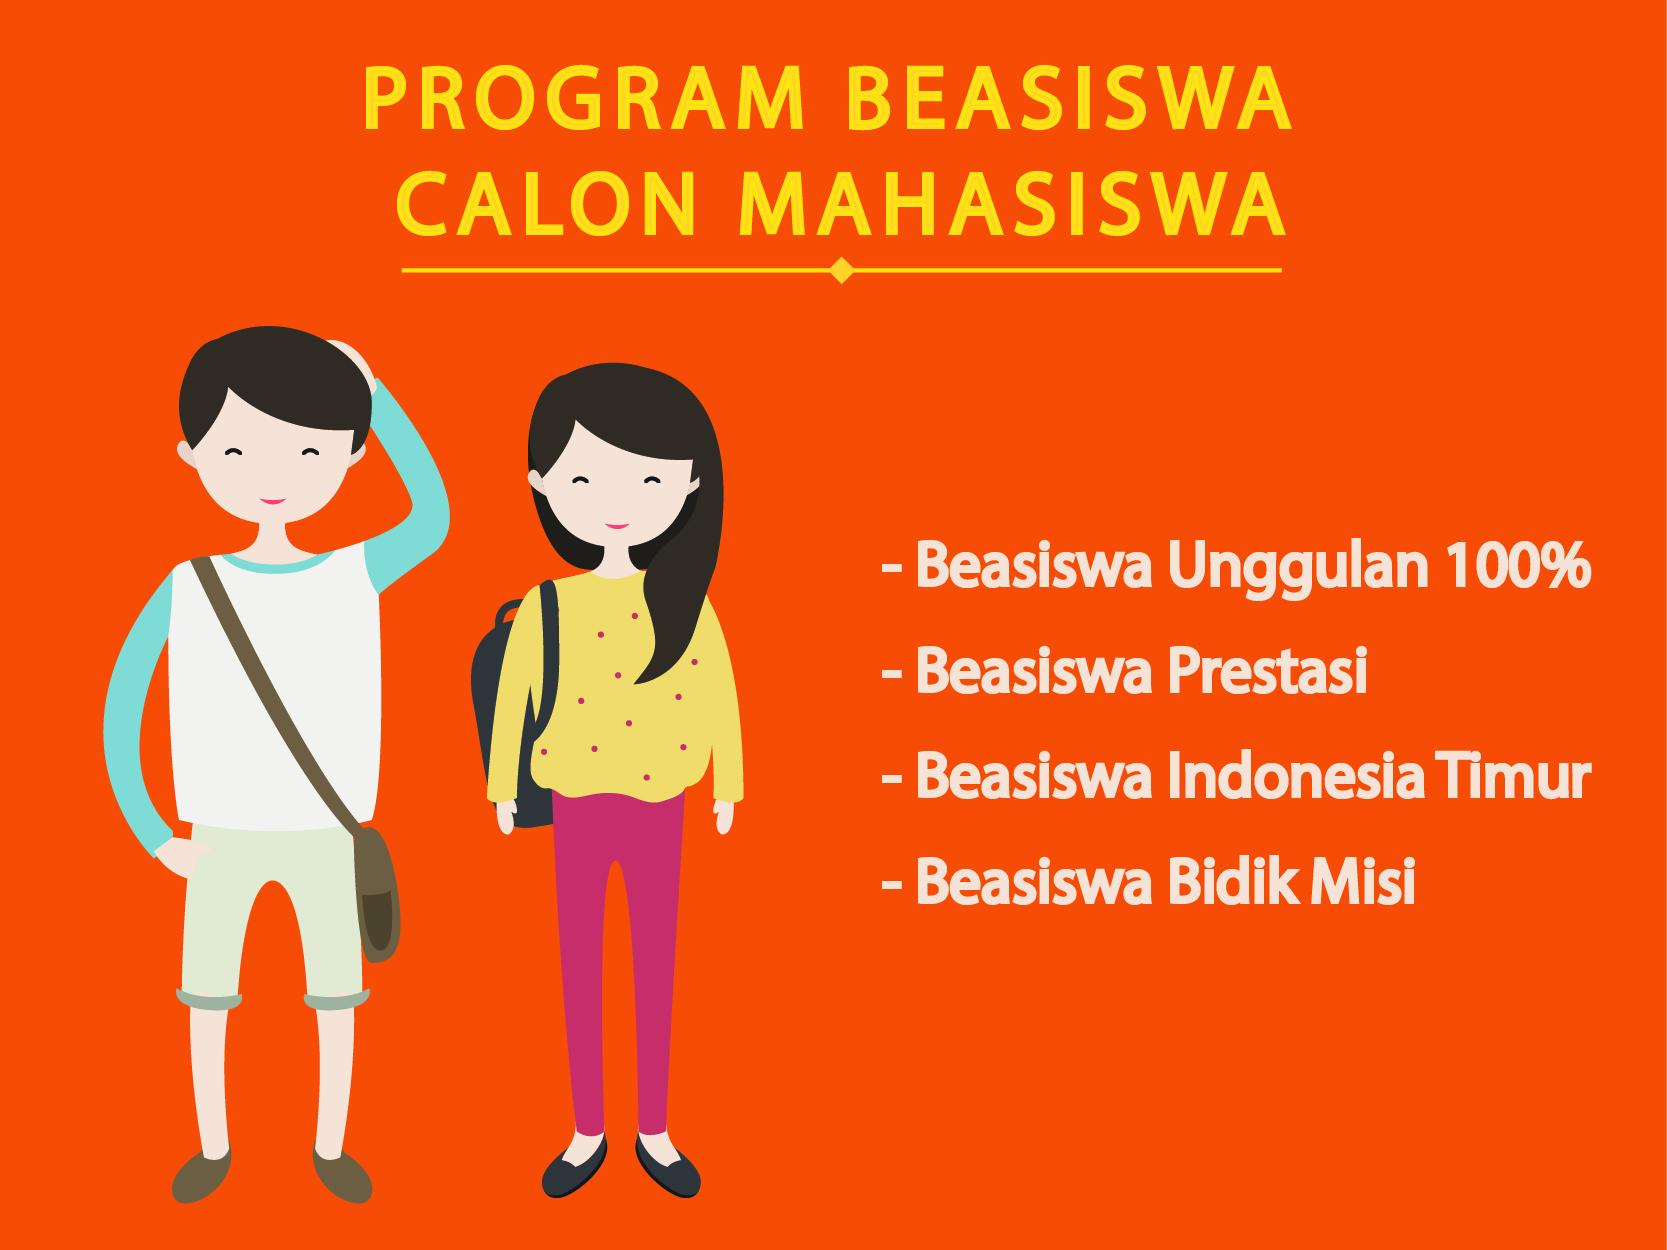 Beasiswa Yayasan DKI Jakarta Universitas Esa Unggul 2018